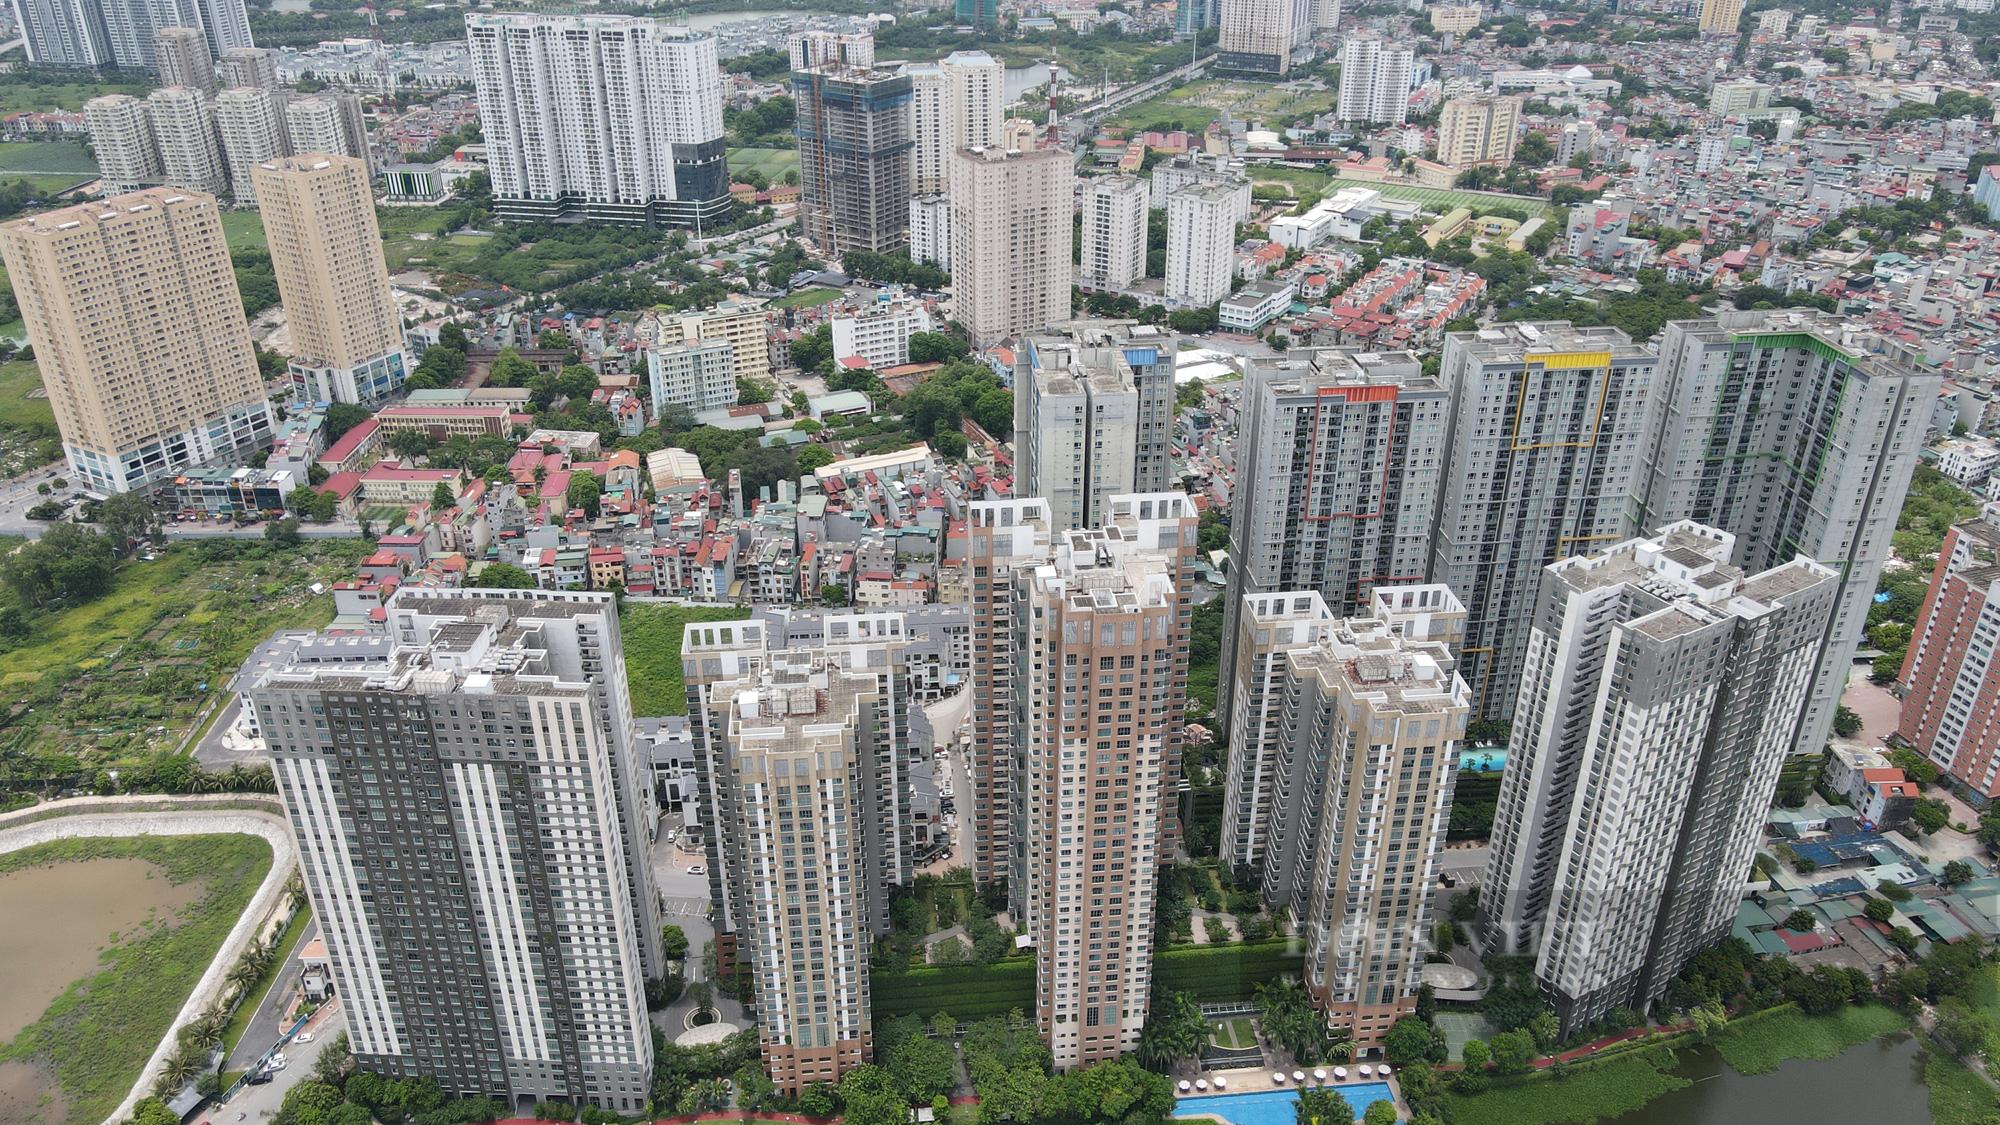 Căn hộ chung cư cao cấp ở Hà Nội 'đua nhau' rao bán cắt lỗ - Ảnh 4.